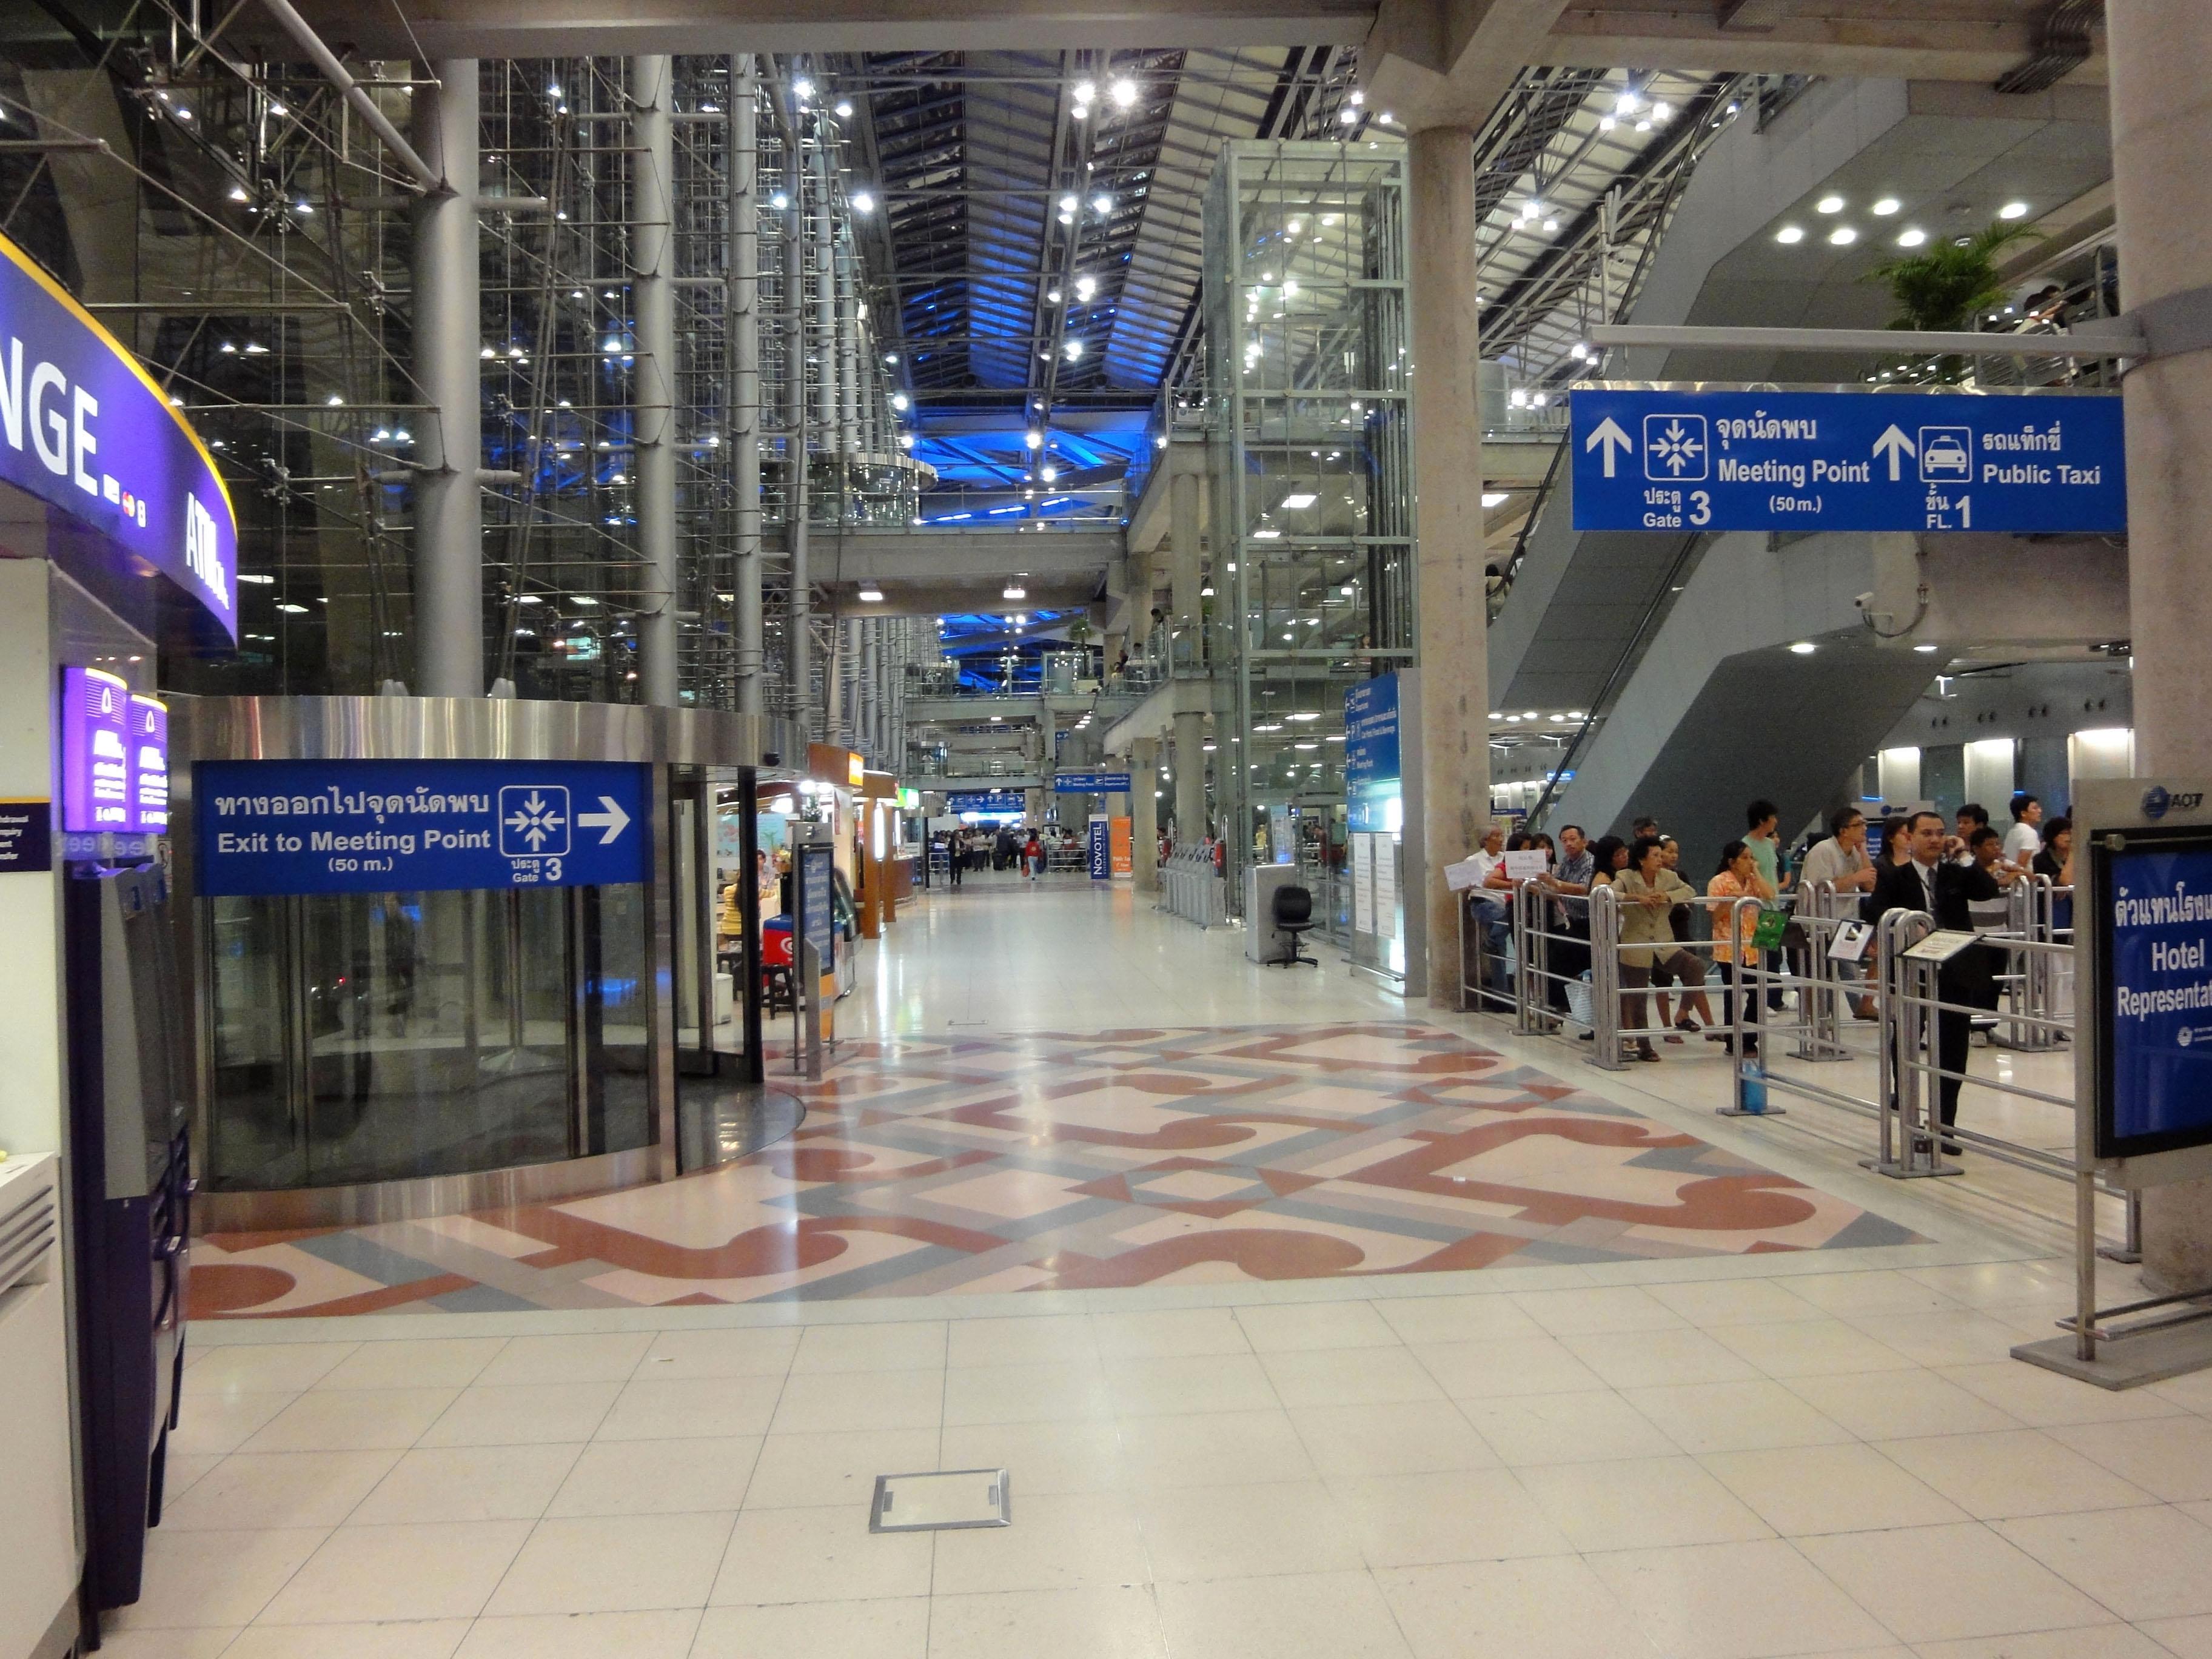 Passenger Terminal Suvarnabhumi Airport Thailand 2009 05